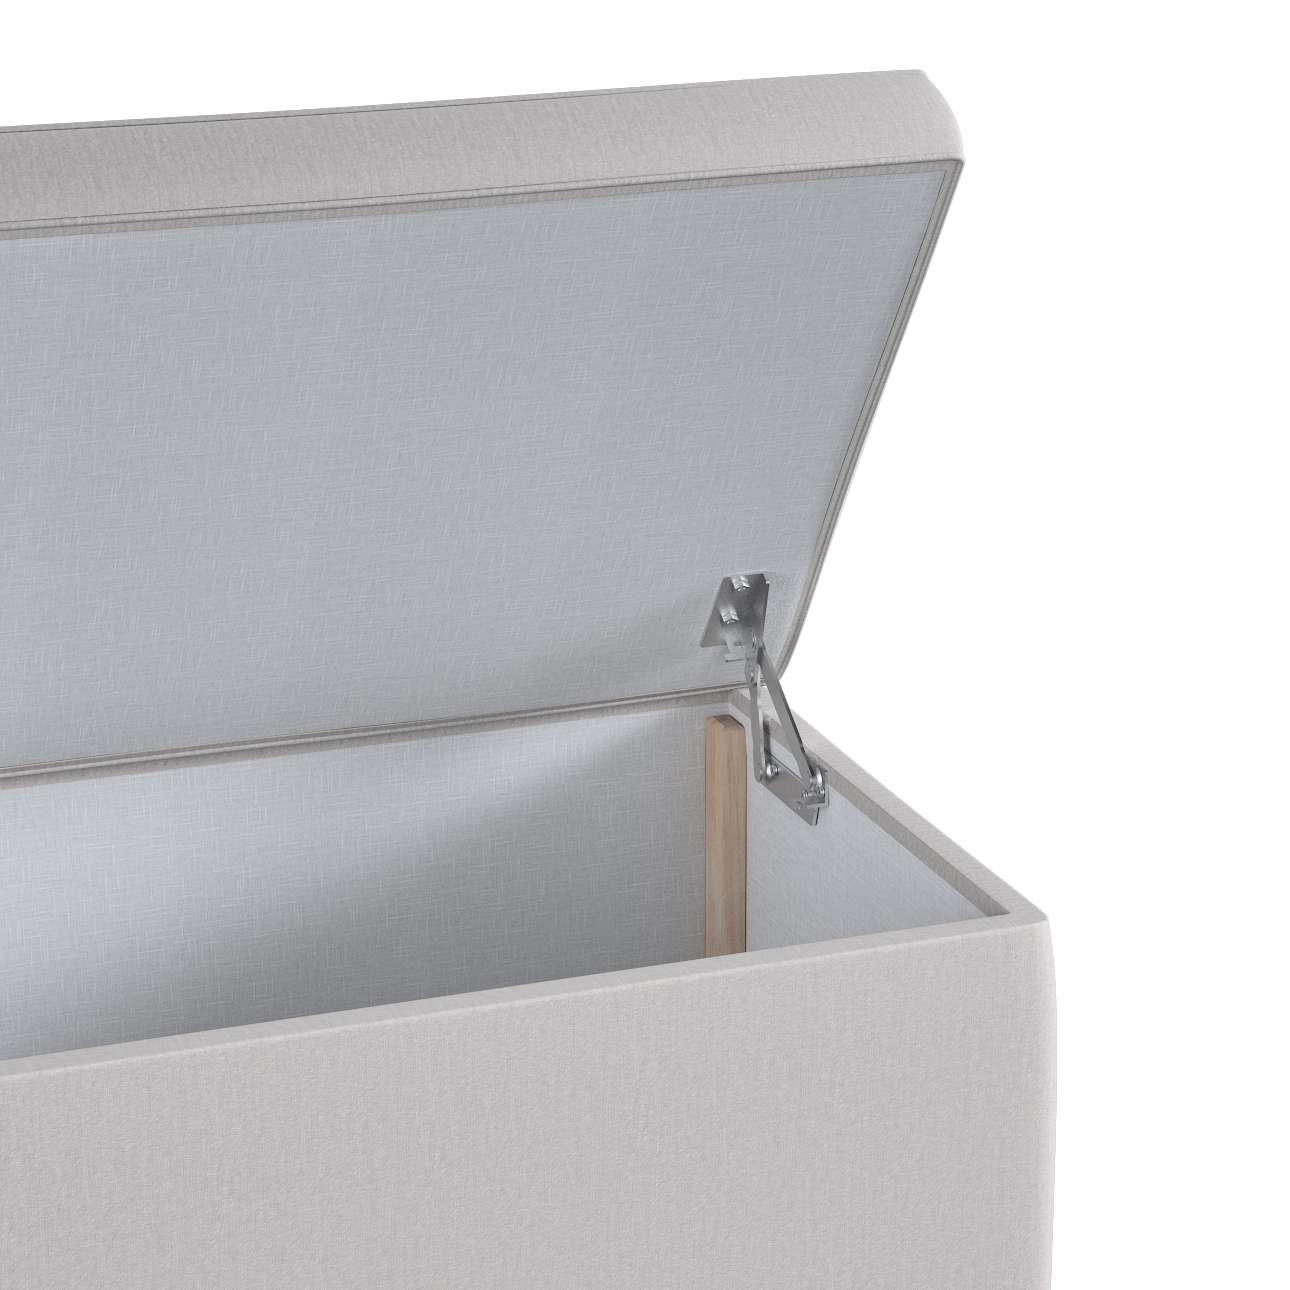 Čalouněná skříň s volbou látky - 2 velikosti v kolekci Chenille , látka: 702-23